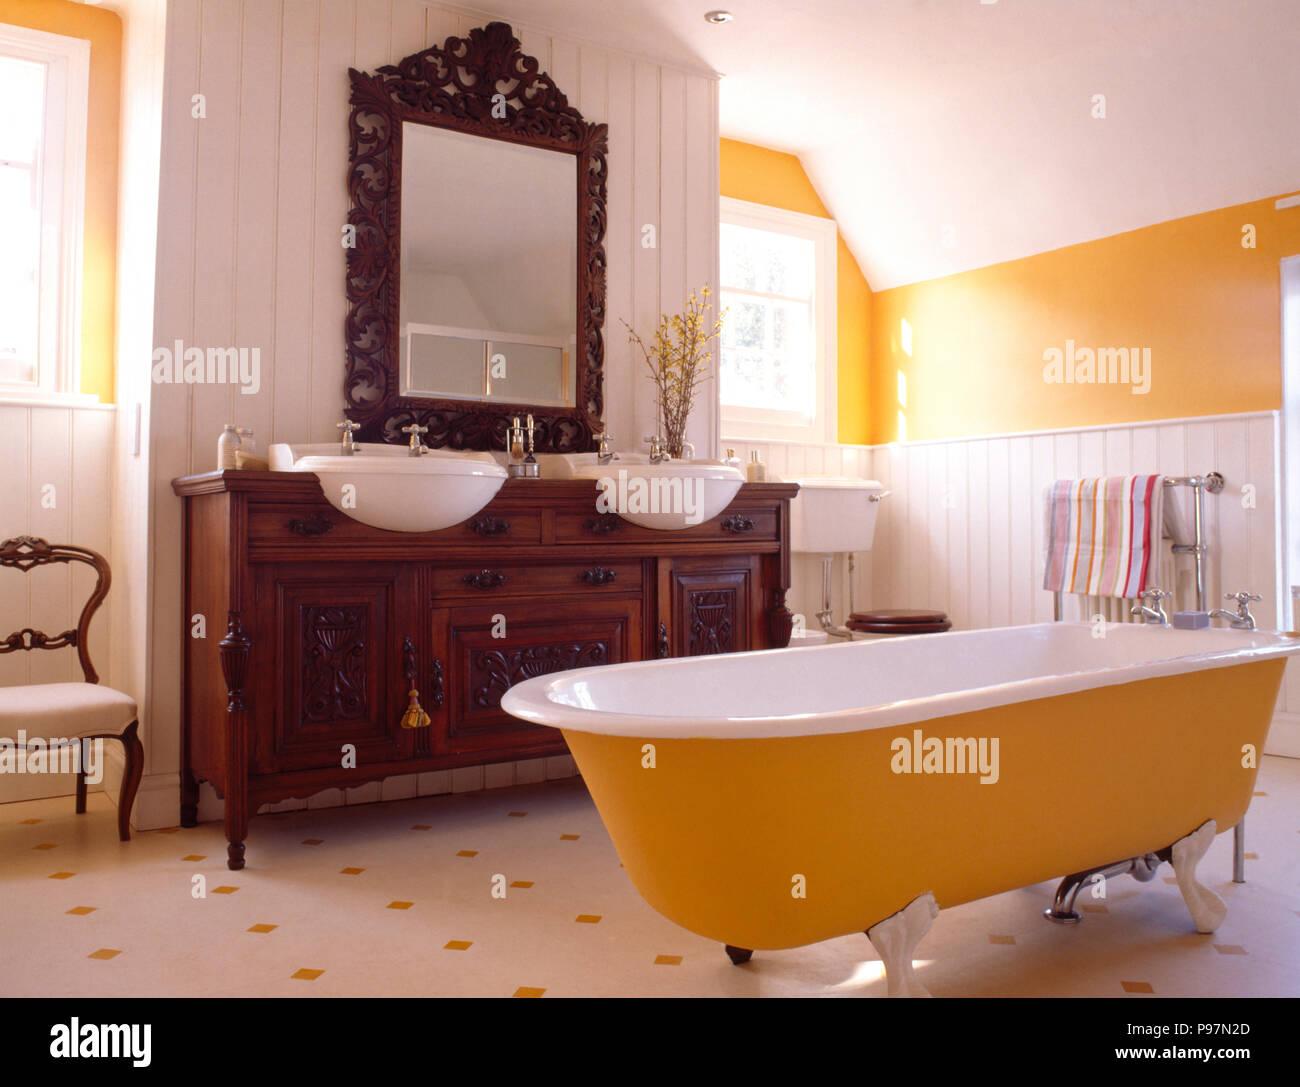 Baignoire Jaune Jaune Et Blanc Dans Une Salle De Bains Privative Avec Un  Miroir Au Dessus Du0027un Placard Encastré Avec Deux Vasques